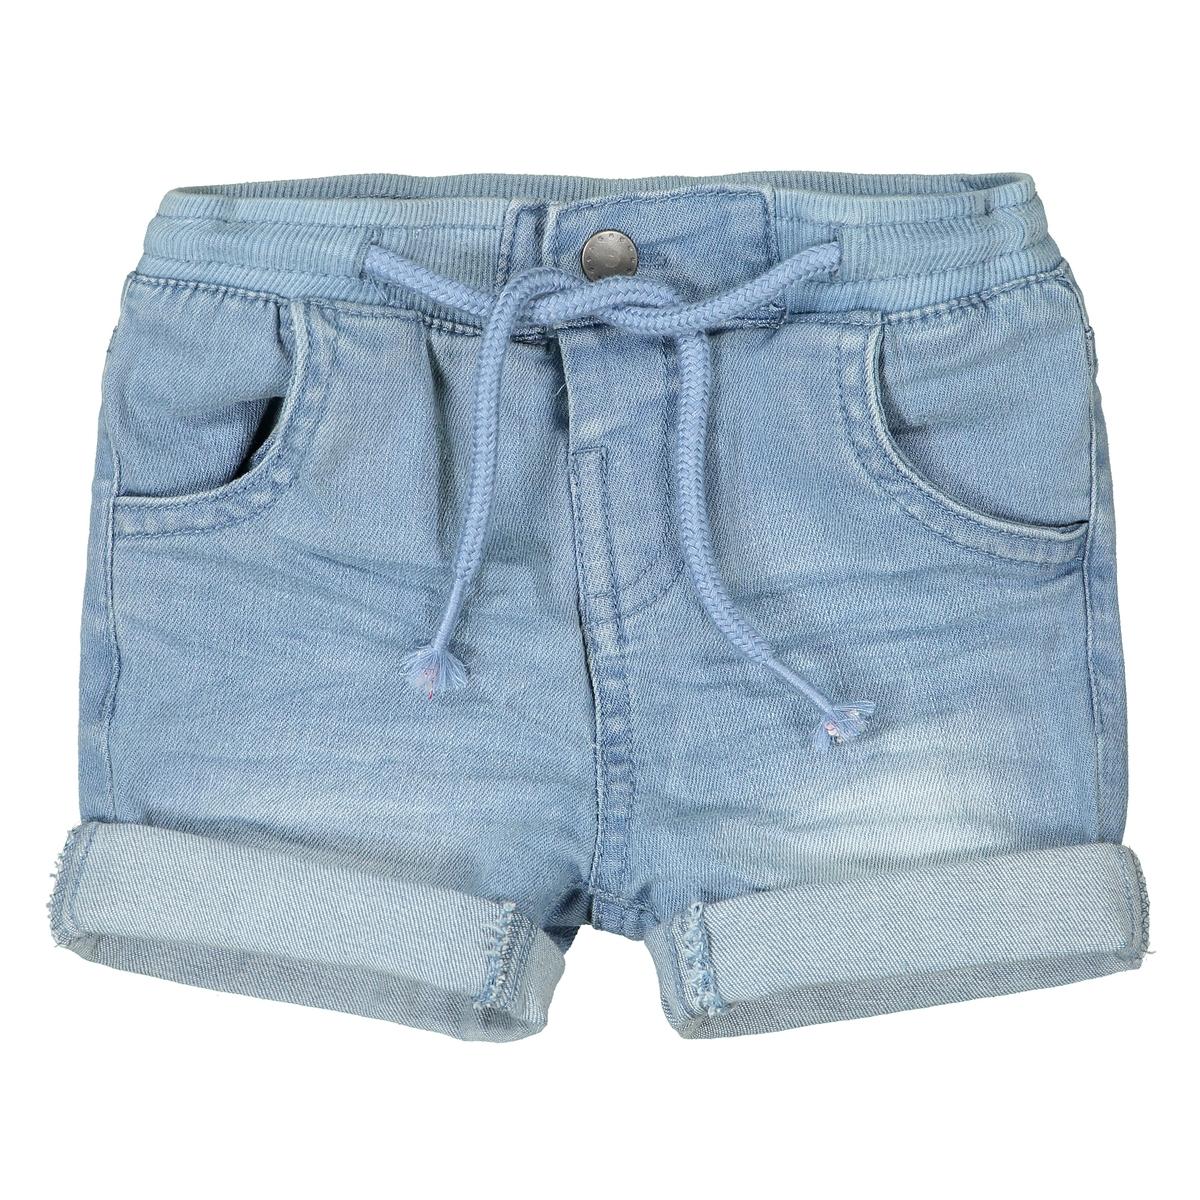 Шорты La Redoute Из джинсовой ткани мес - года 2 синий бермуды la redoute из джинсовой ткани jjirrick jjicon s синий